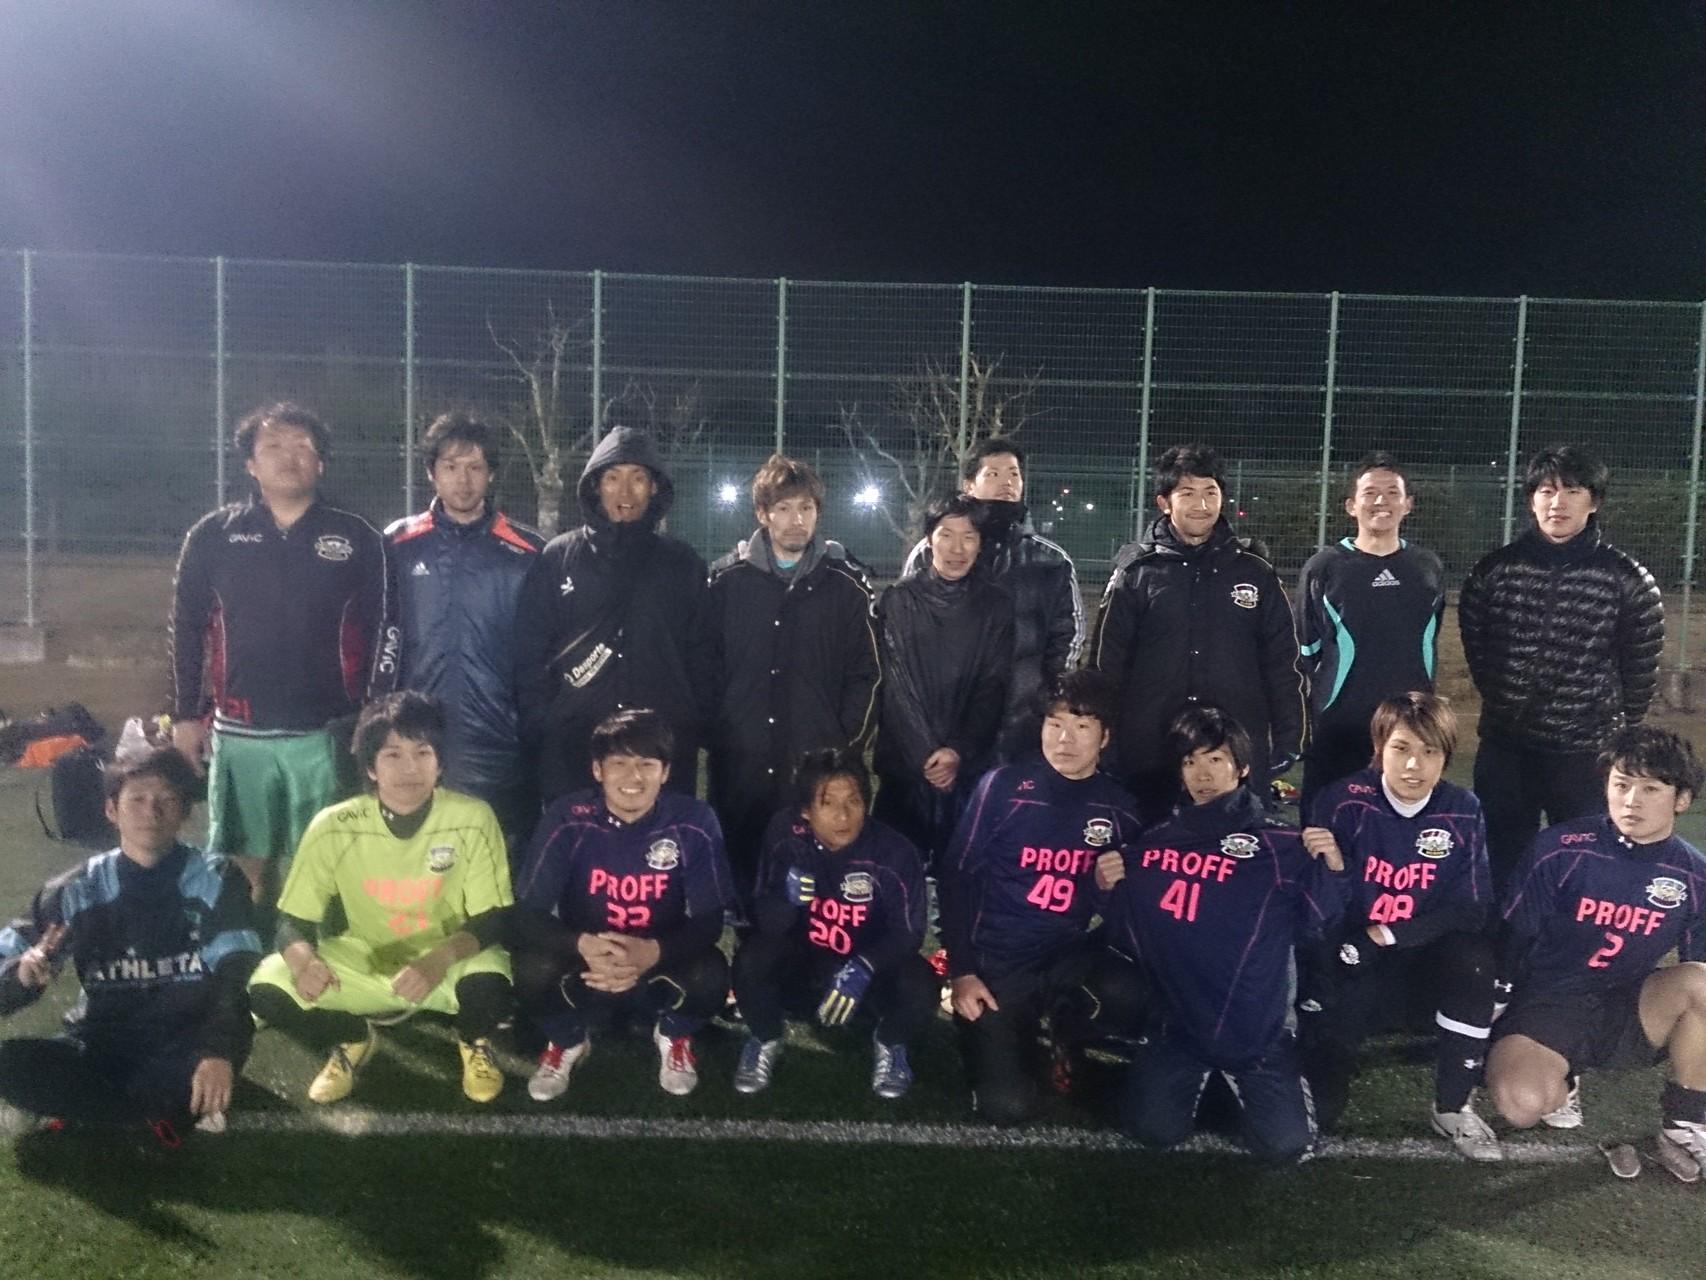 2015/2/1 服部緑地人工芝人工芝サッカー場 vs TEITSU.FC  vs パナソニック高槻